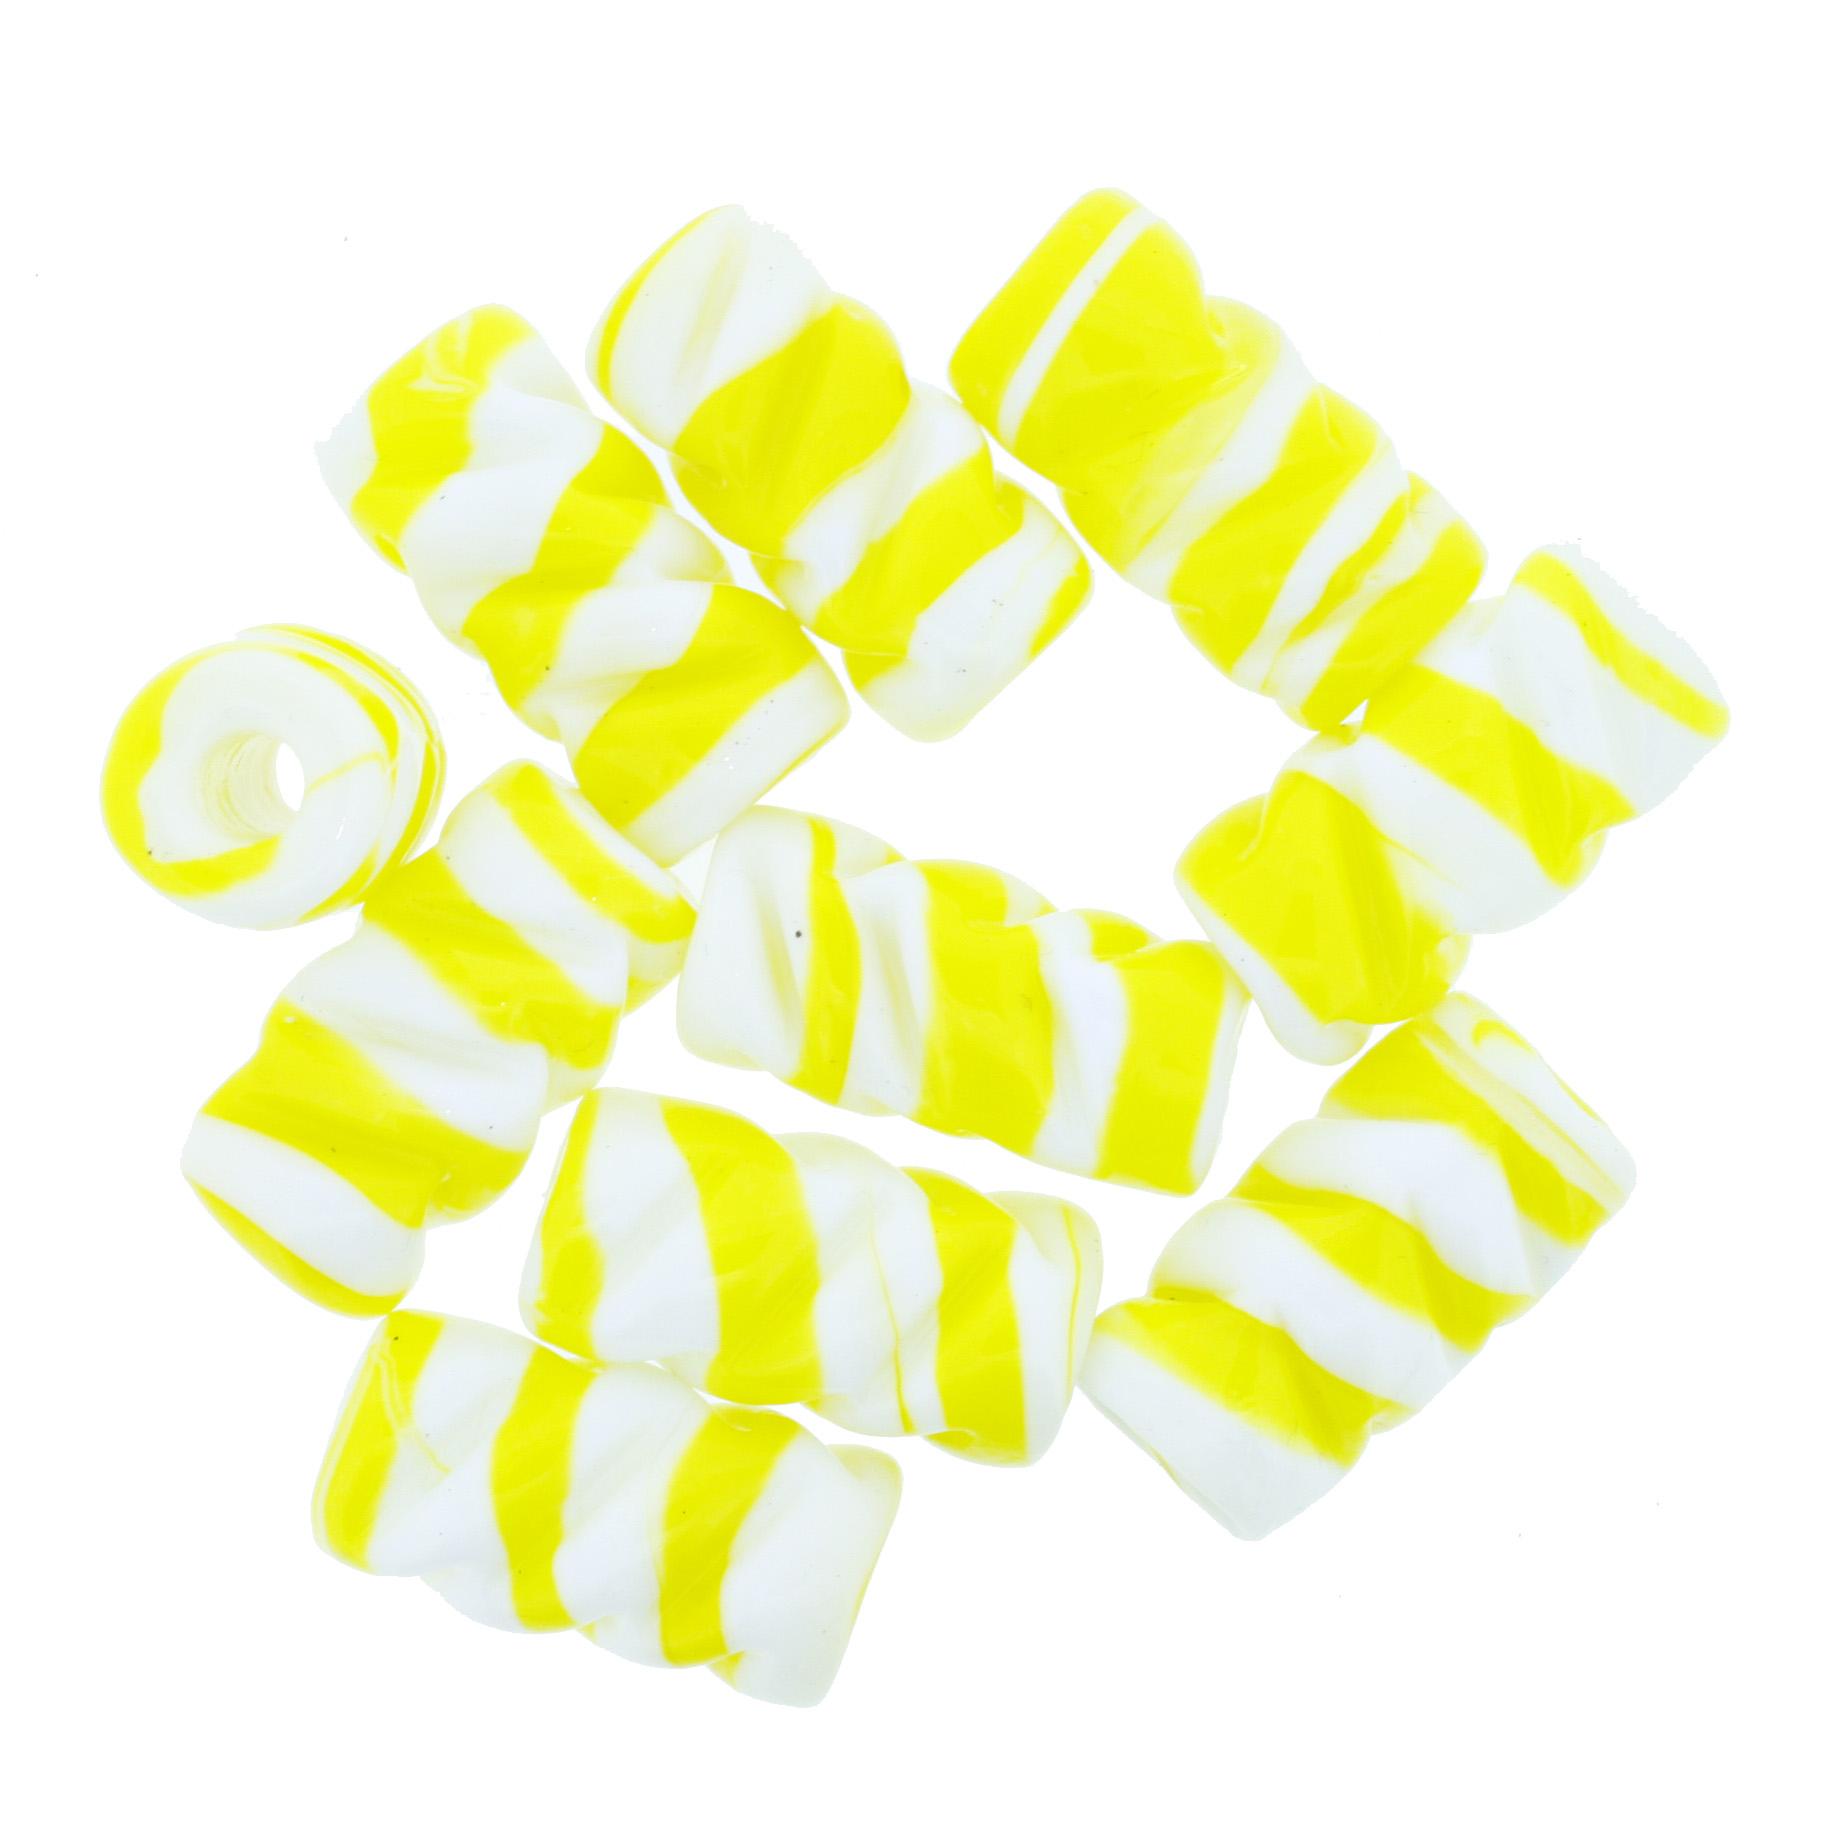 Firma de Vidro Frisada - Amarela e Branca  - Universo Religioso® - Artigos de Umbanda e Candomblé